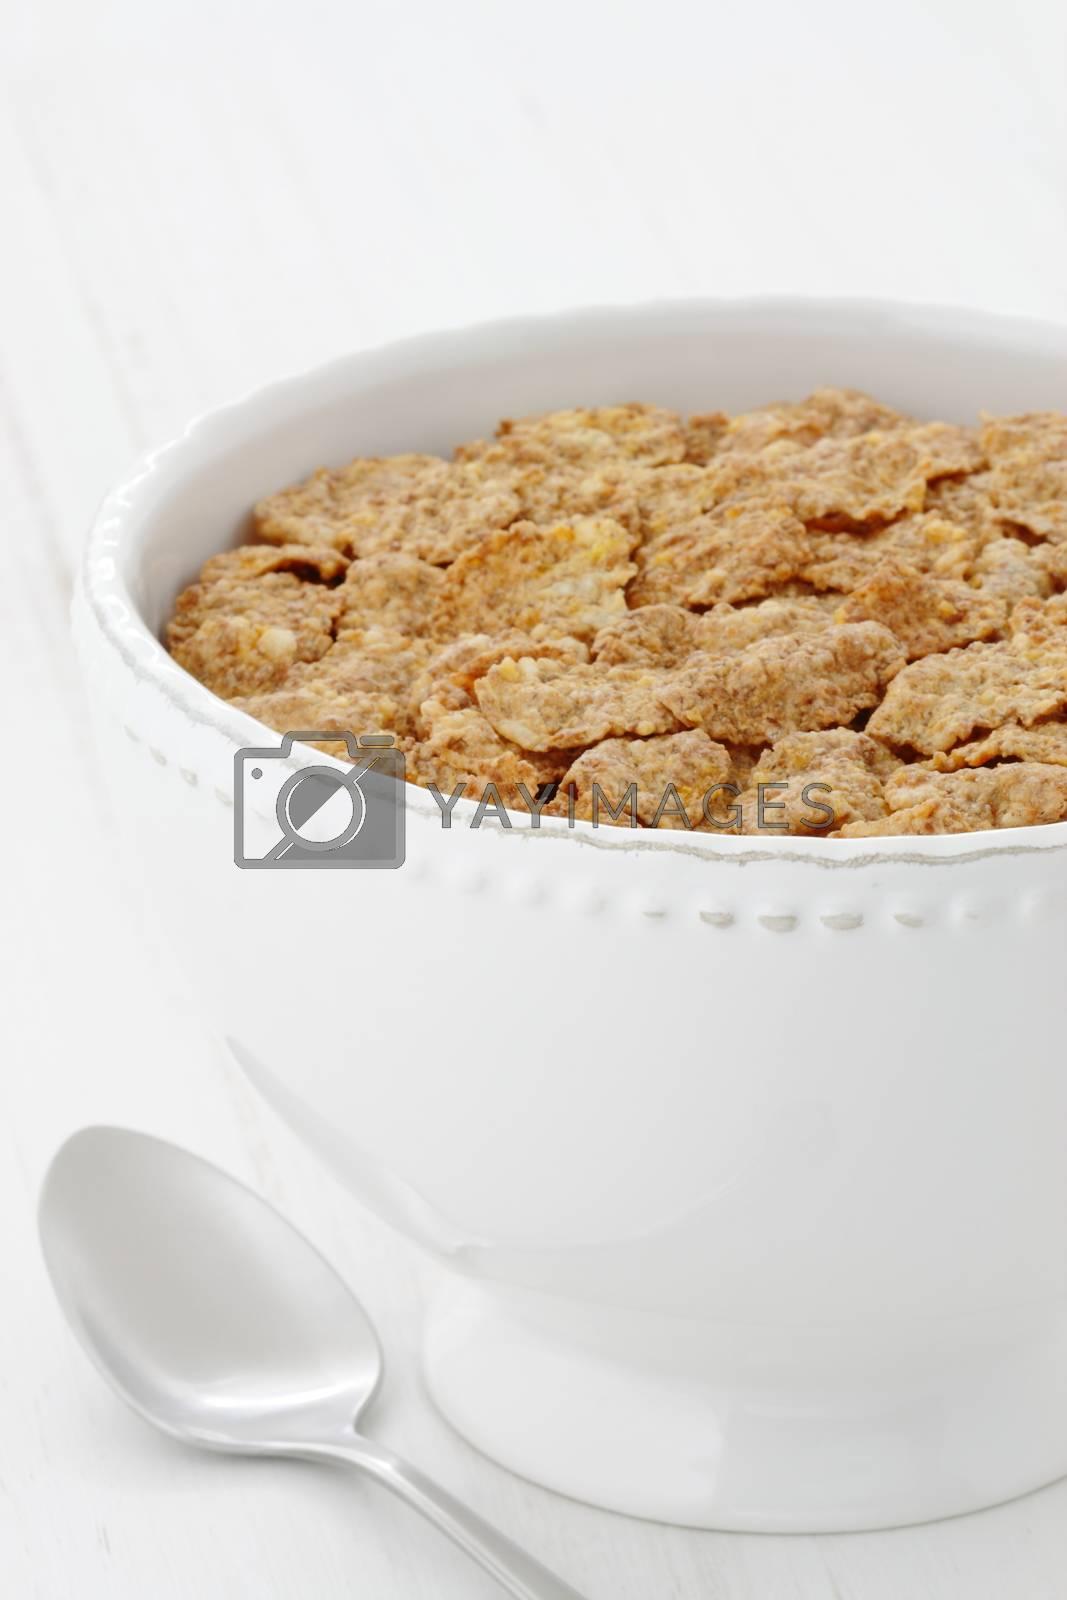 Delicious healthy breakfast  by tacar